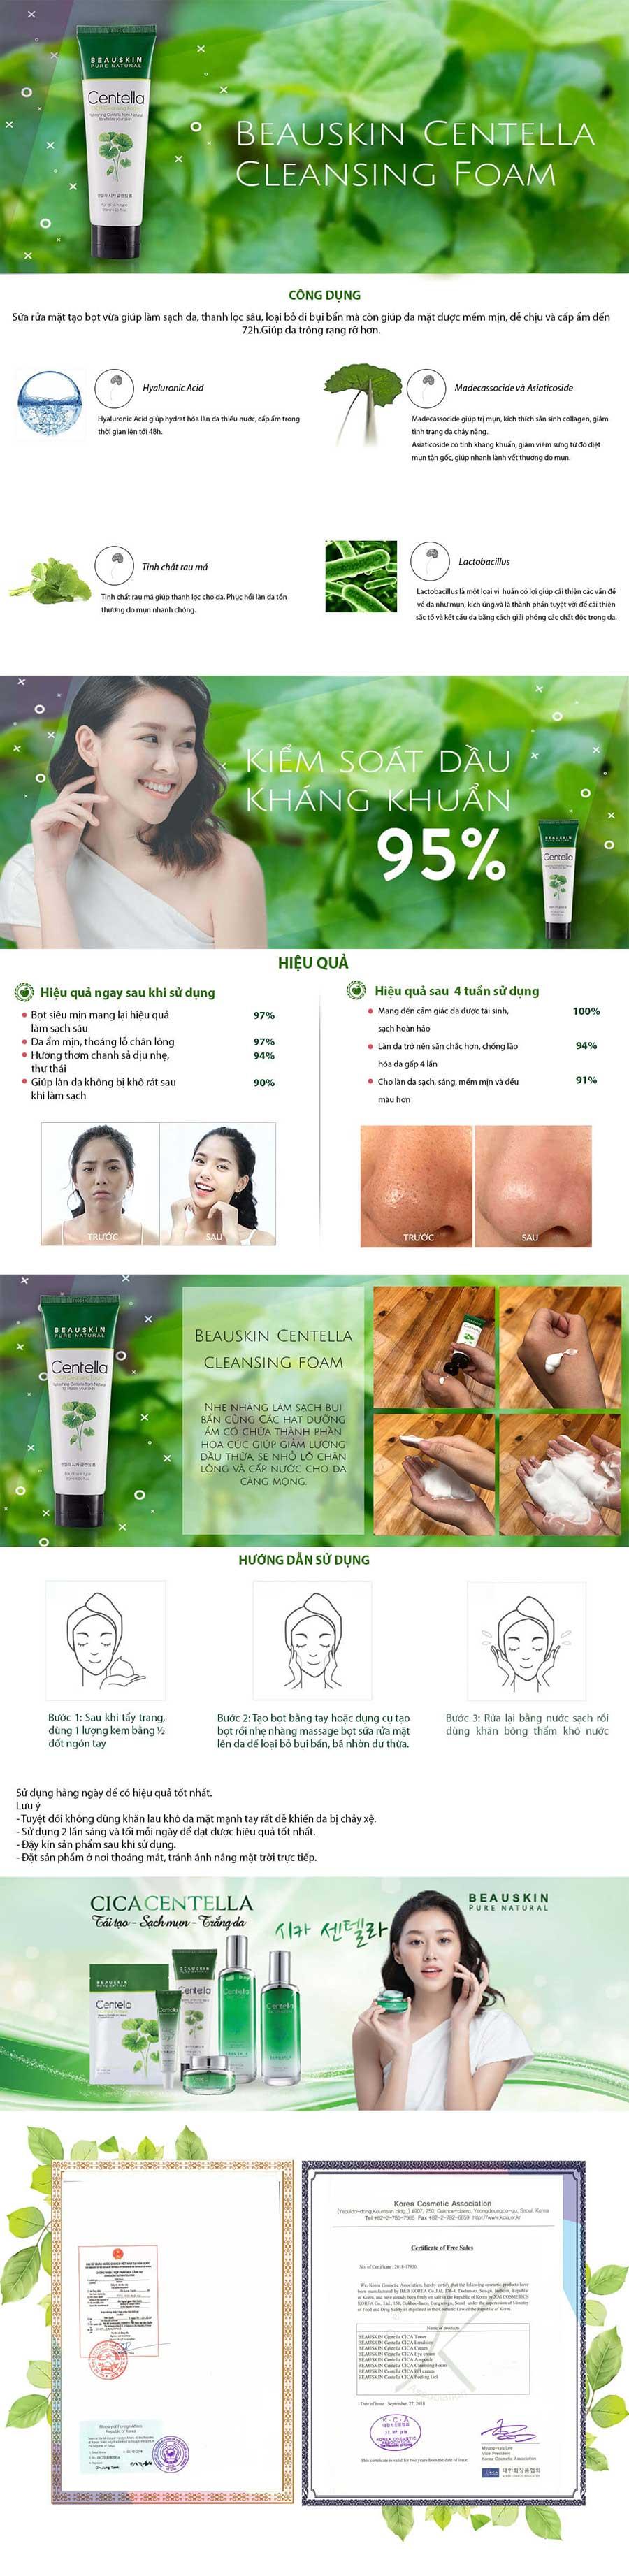 Sữa rửa mặt trắng da trị mụn sạch nhờn trị nám dưỡng mềm da mờ sẹo Beauskin Centella CICA Cleansing Foam, Hàn Quốc 120 ml